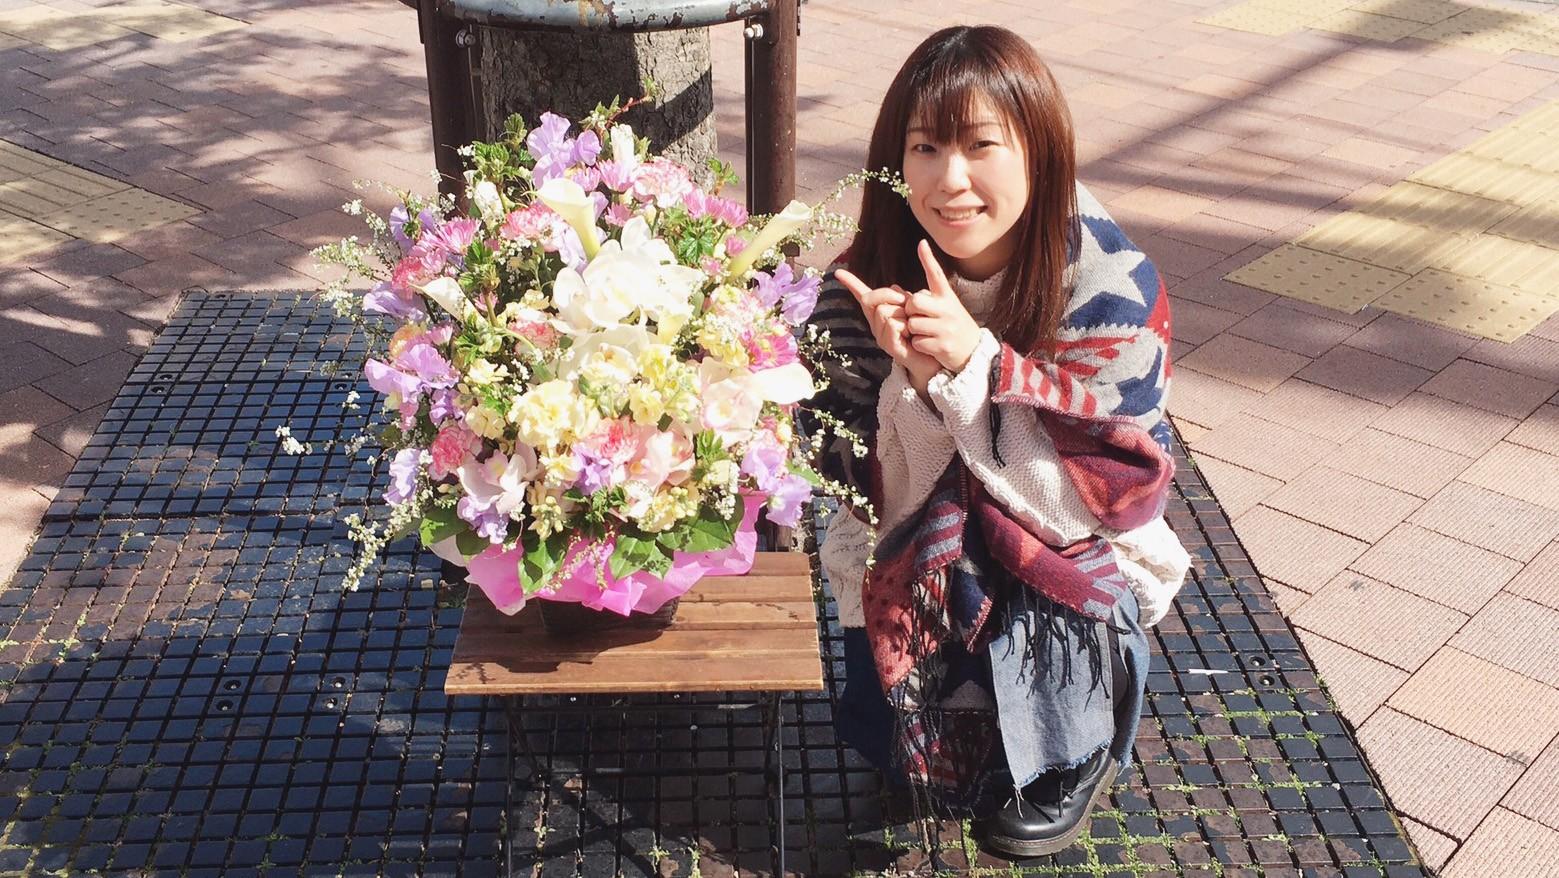 3/8-3/22 南三陸町戸倉小学校の卒業式へ花束を!チャリティCD発売!※期間延長